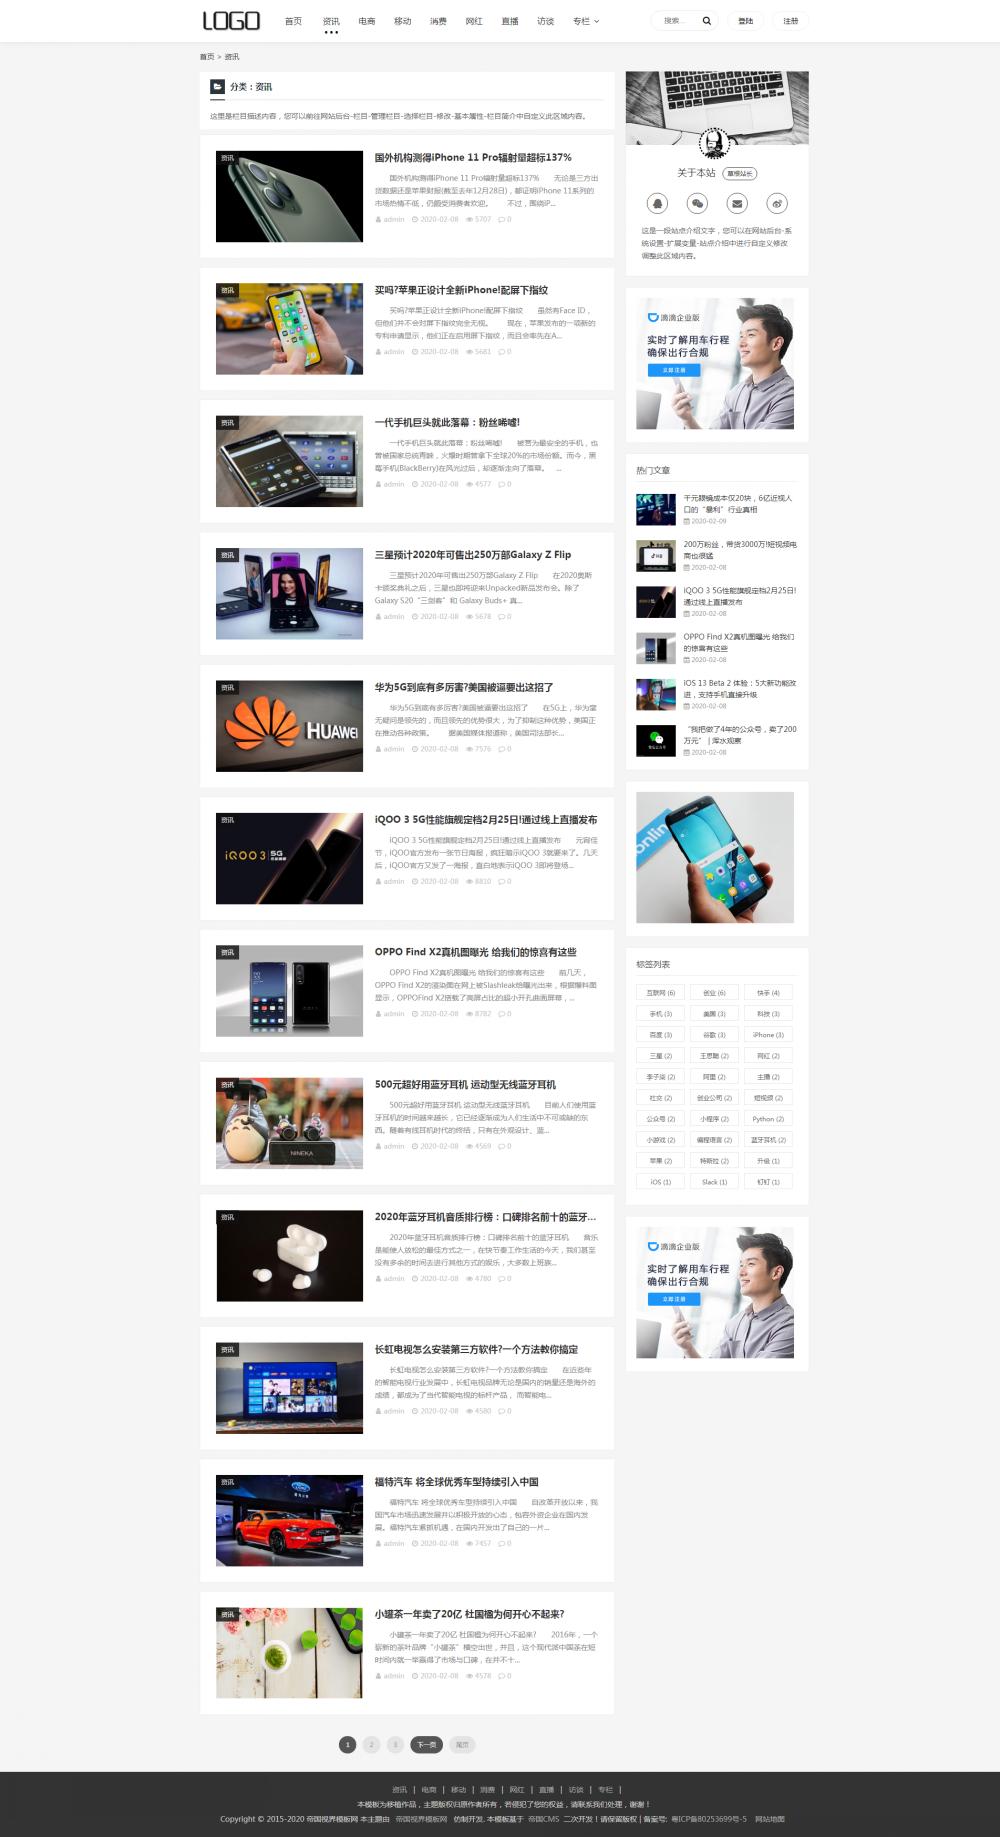 栏目页.png [DG-069]HTML5个人博客新闻帝国CMS整站模板自适应手机(带会员中心) 博客文章 第2张